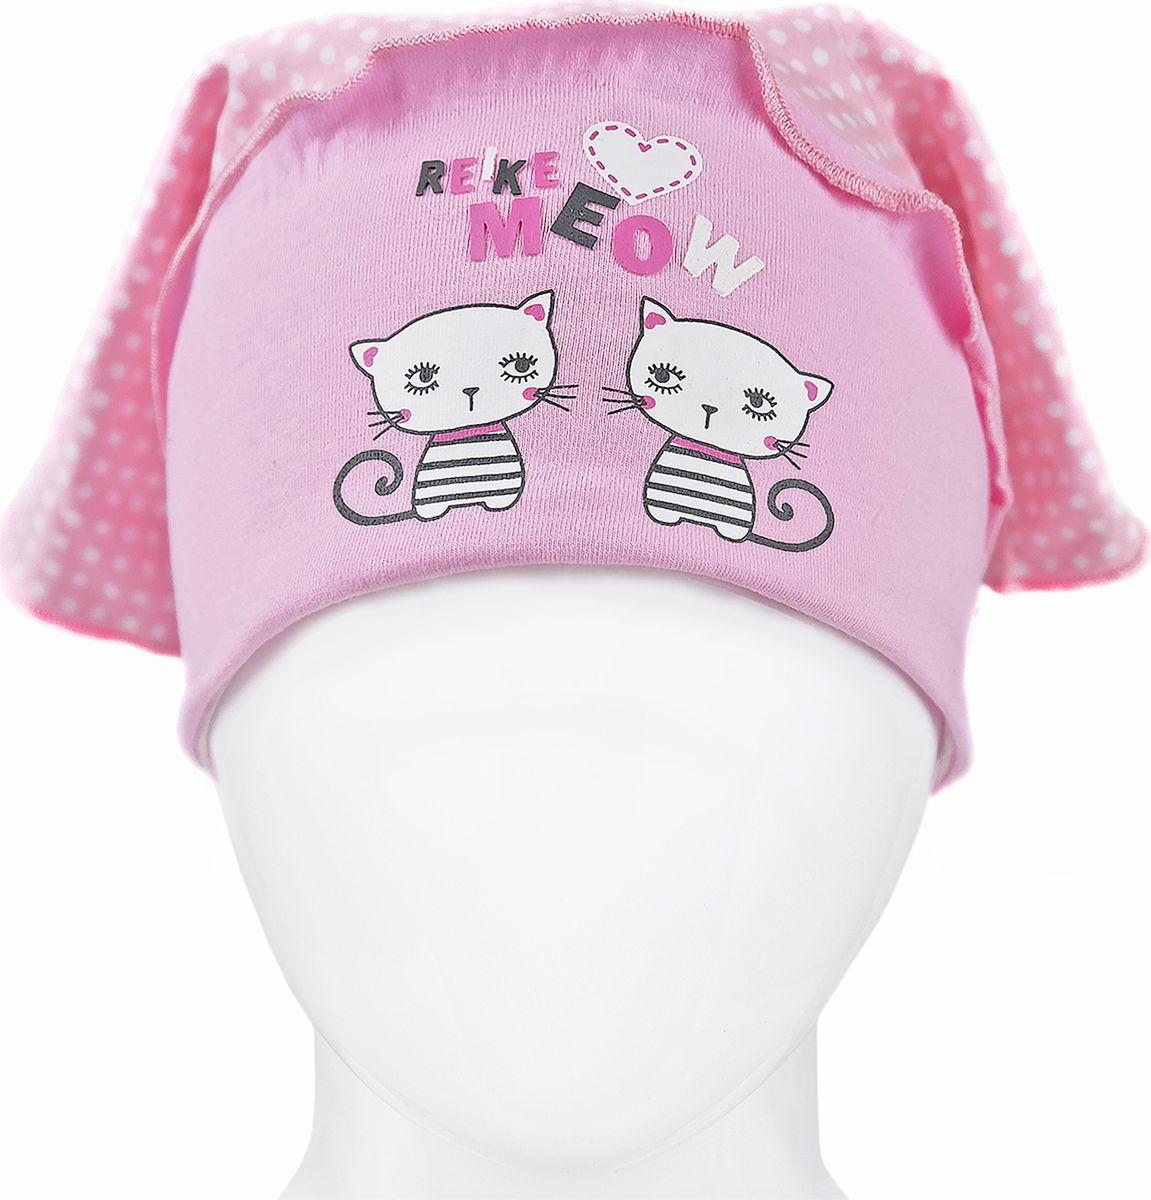 Косынка для девочки Reike, цвет: розовый. RKNSS18_CATS-6 pink р.50. Размер 50RKNSS18_CATS-6 pinkЛетняя косынка для девочки защитит голову вашей малышки от солнца и сильного ветра. Изготовленная из хлопка, она необычайно мягкая и приятная на ощупь, не раздражает даже самую нежную и чувствительную кожу и хорошо вентилируется. А эластичные плоские швы обеспечивают максимальный комфорт ребенку.